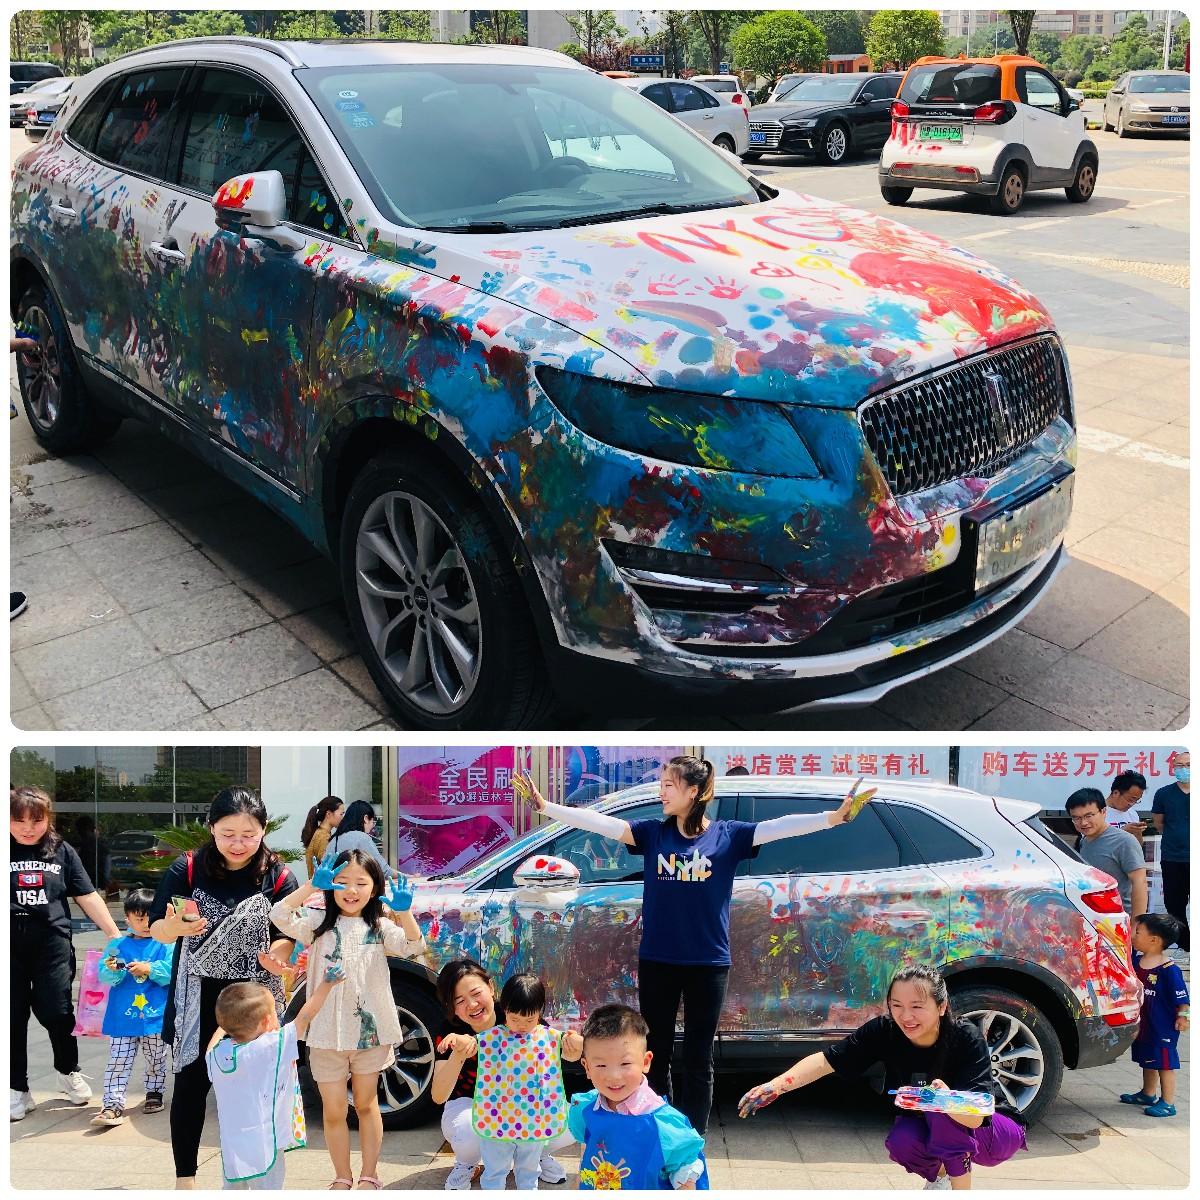 【活动回顾】名车涂鸦 | NYC小小艺术家活动